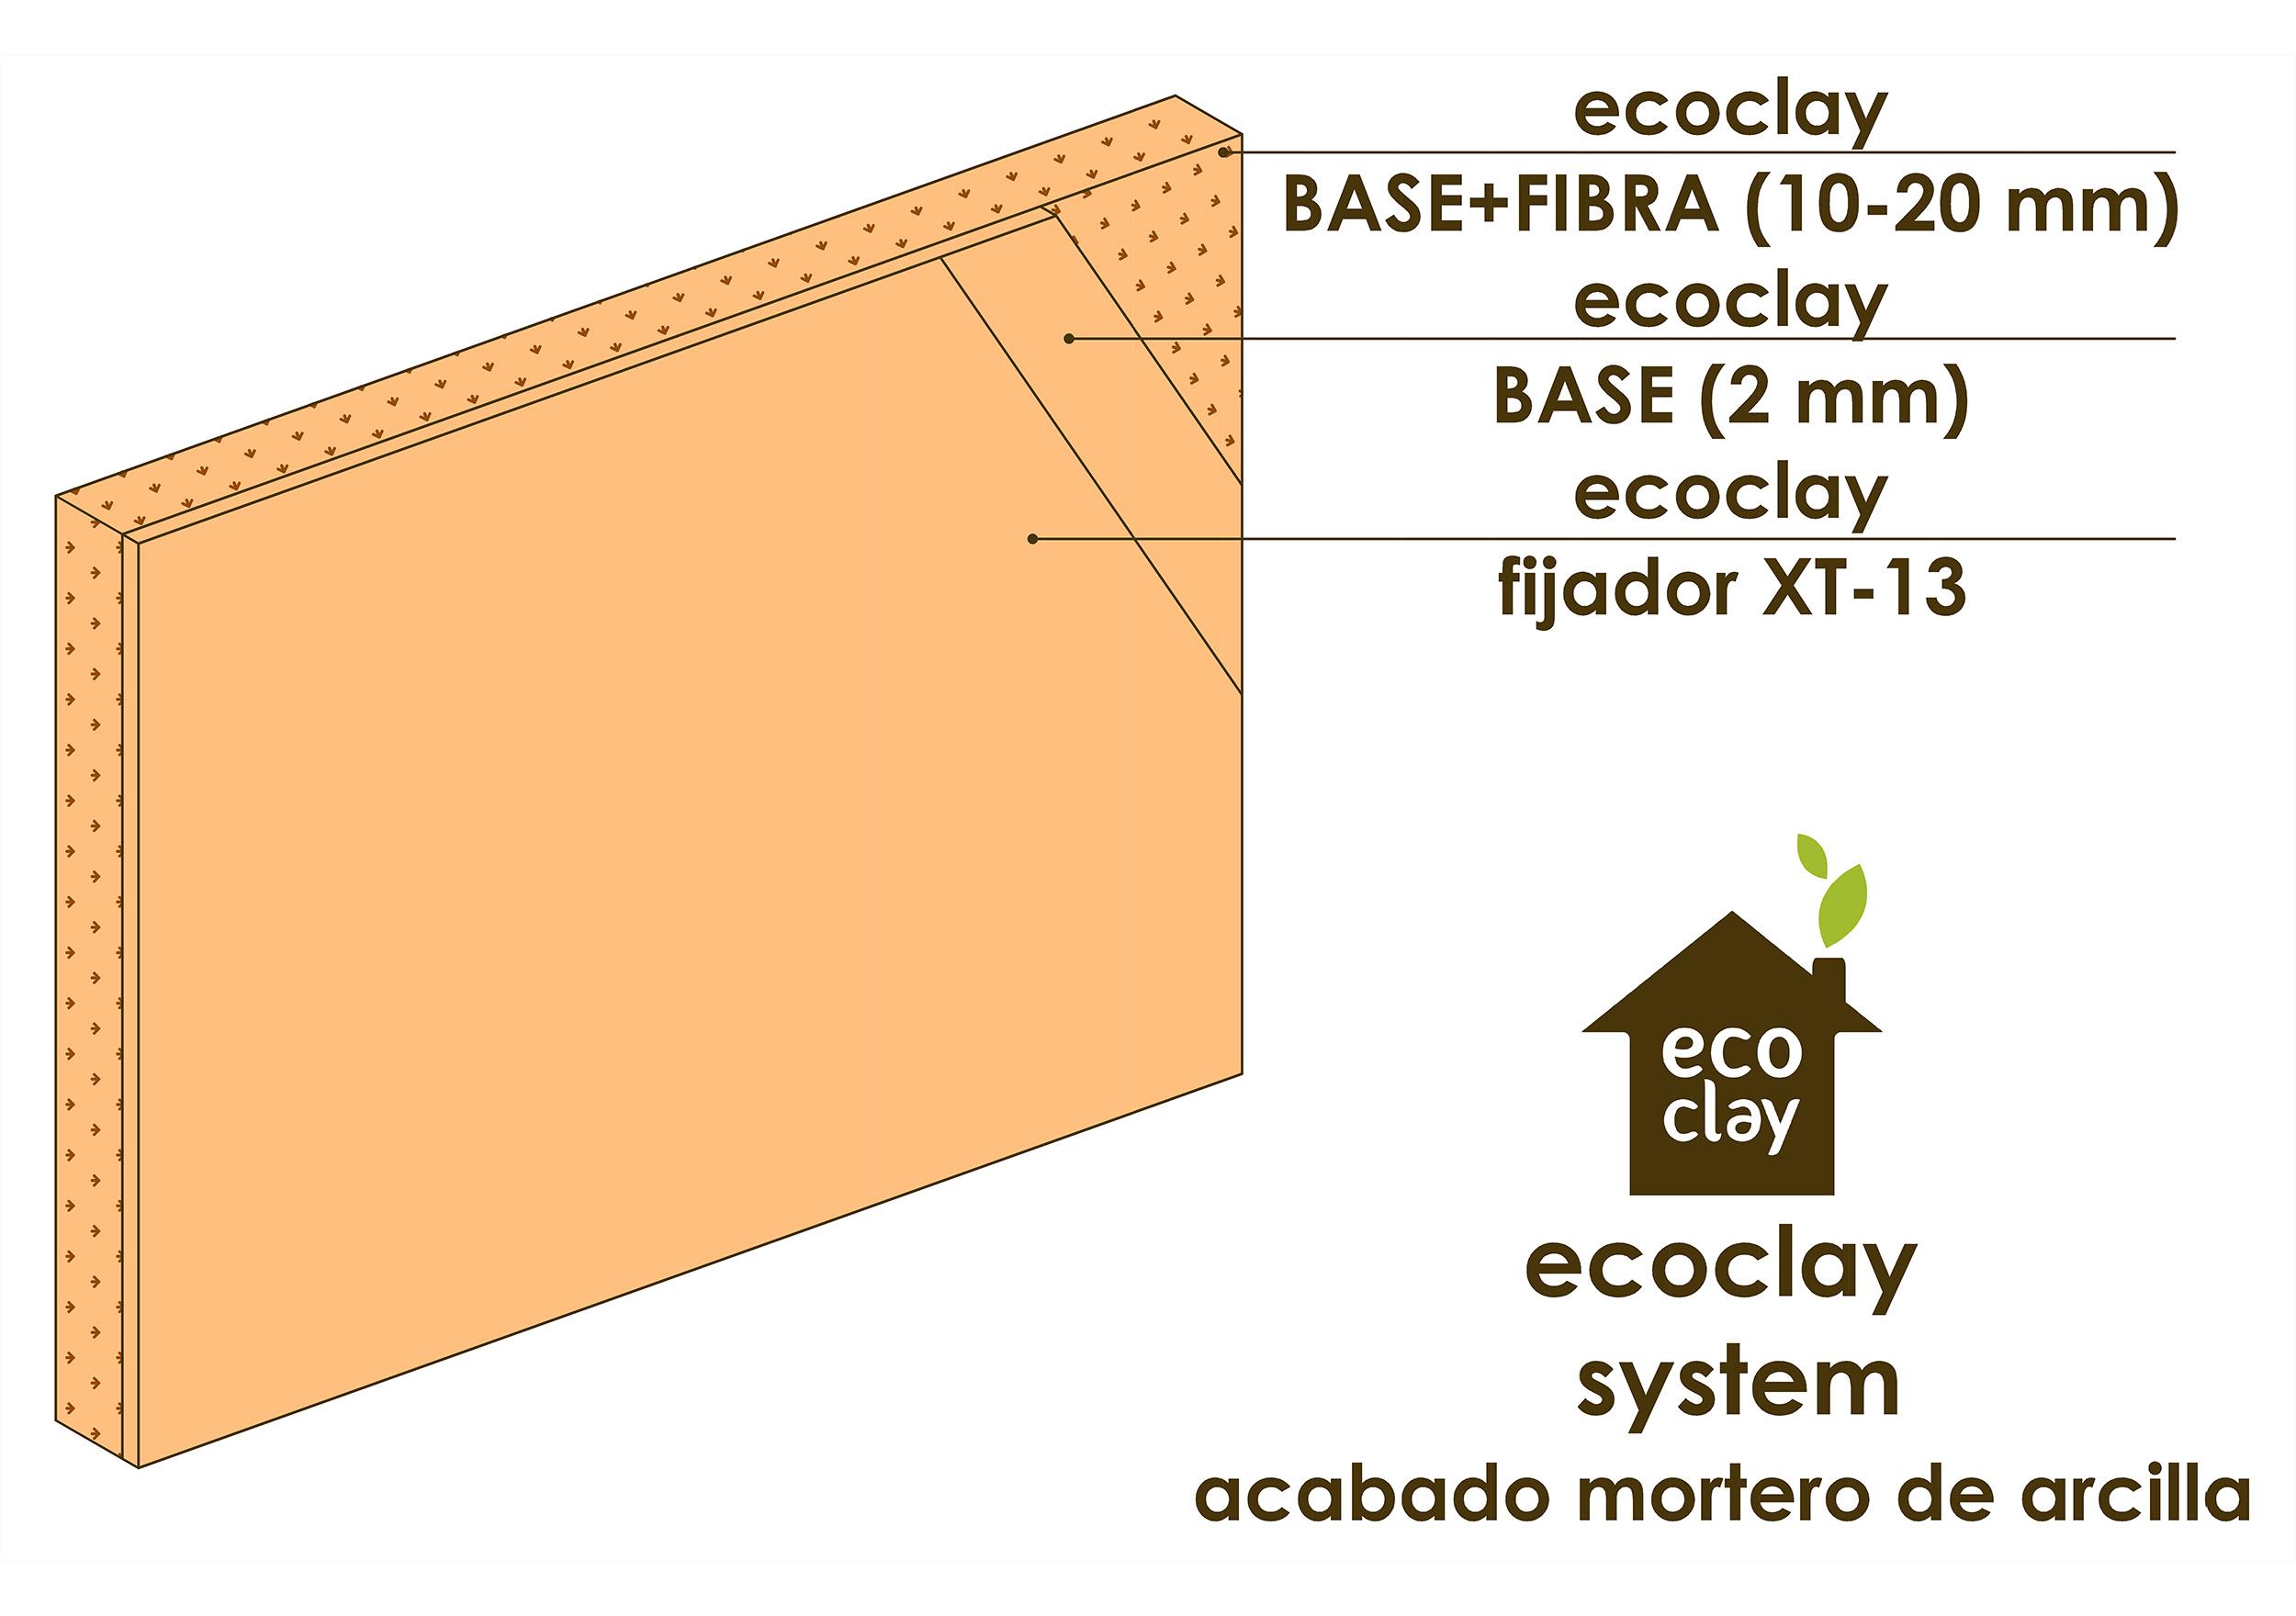 ecoclay SYSTEM, acabado mortero de arcilla, ecoclay BASE